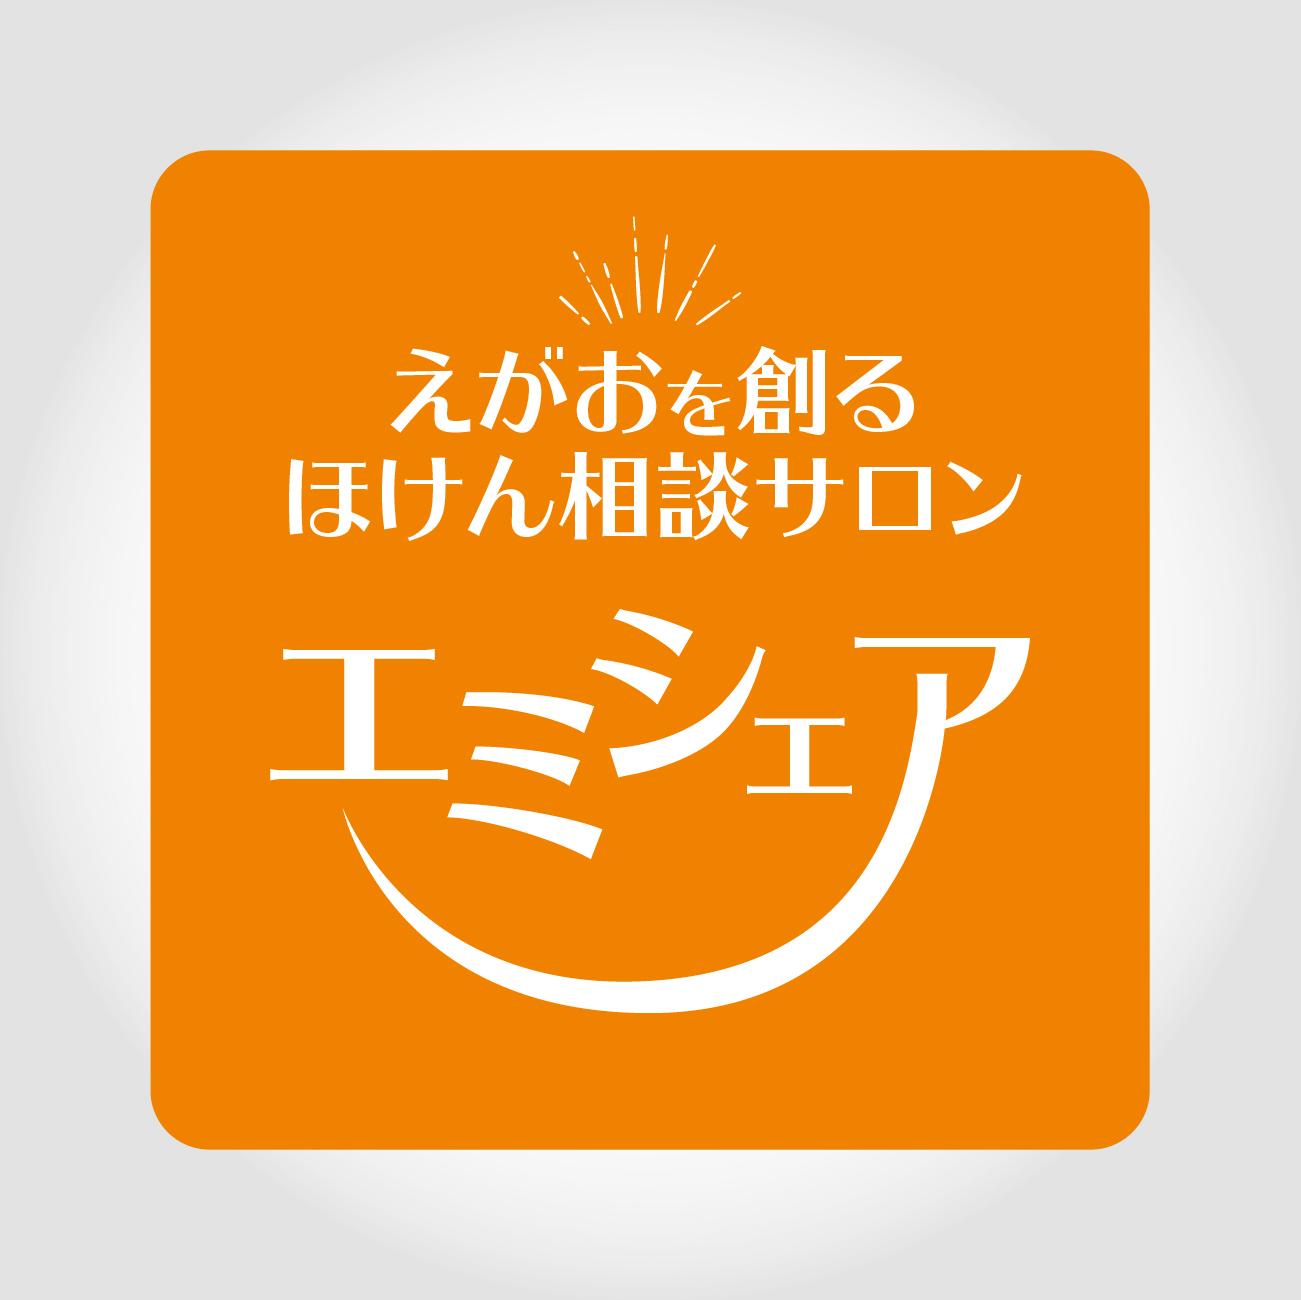 保険会社ロゴ